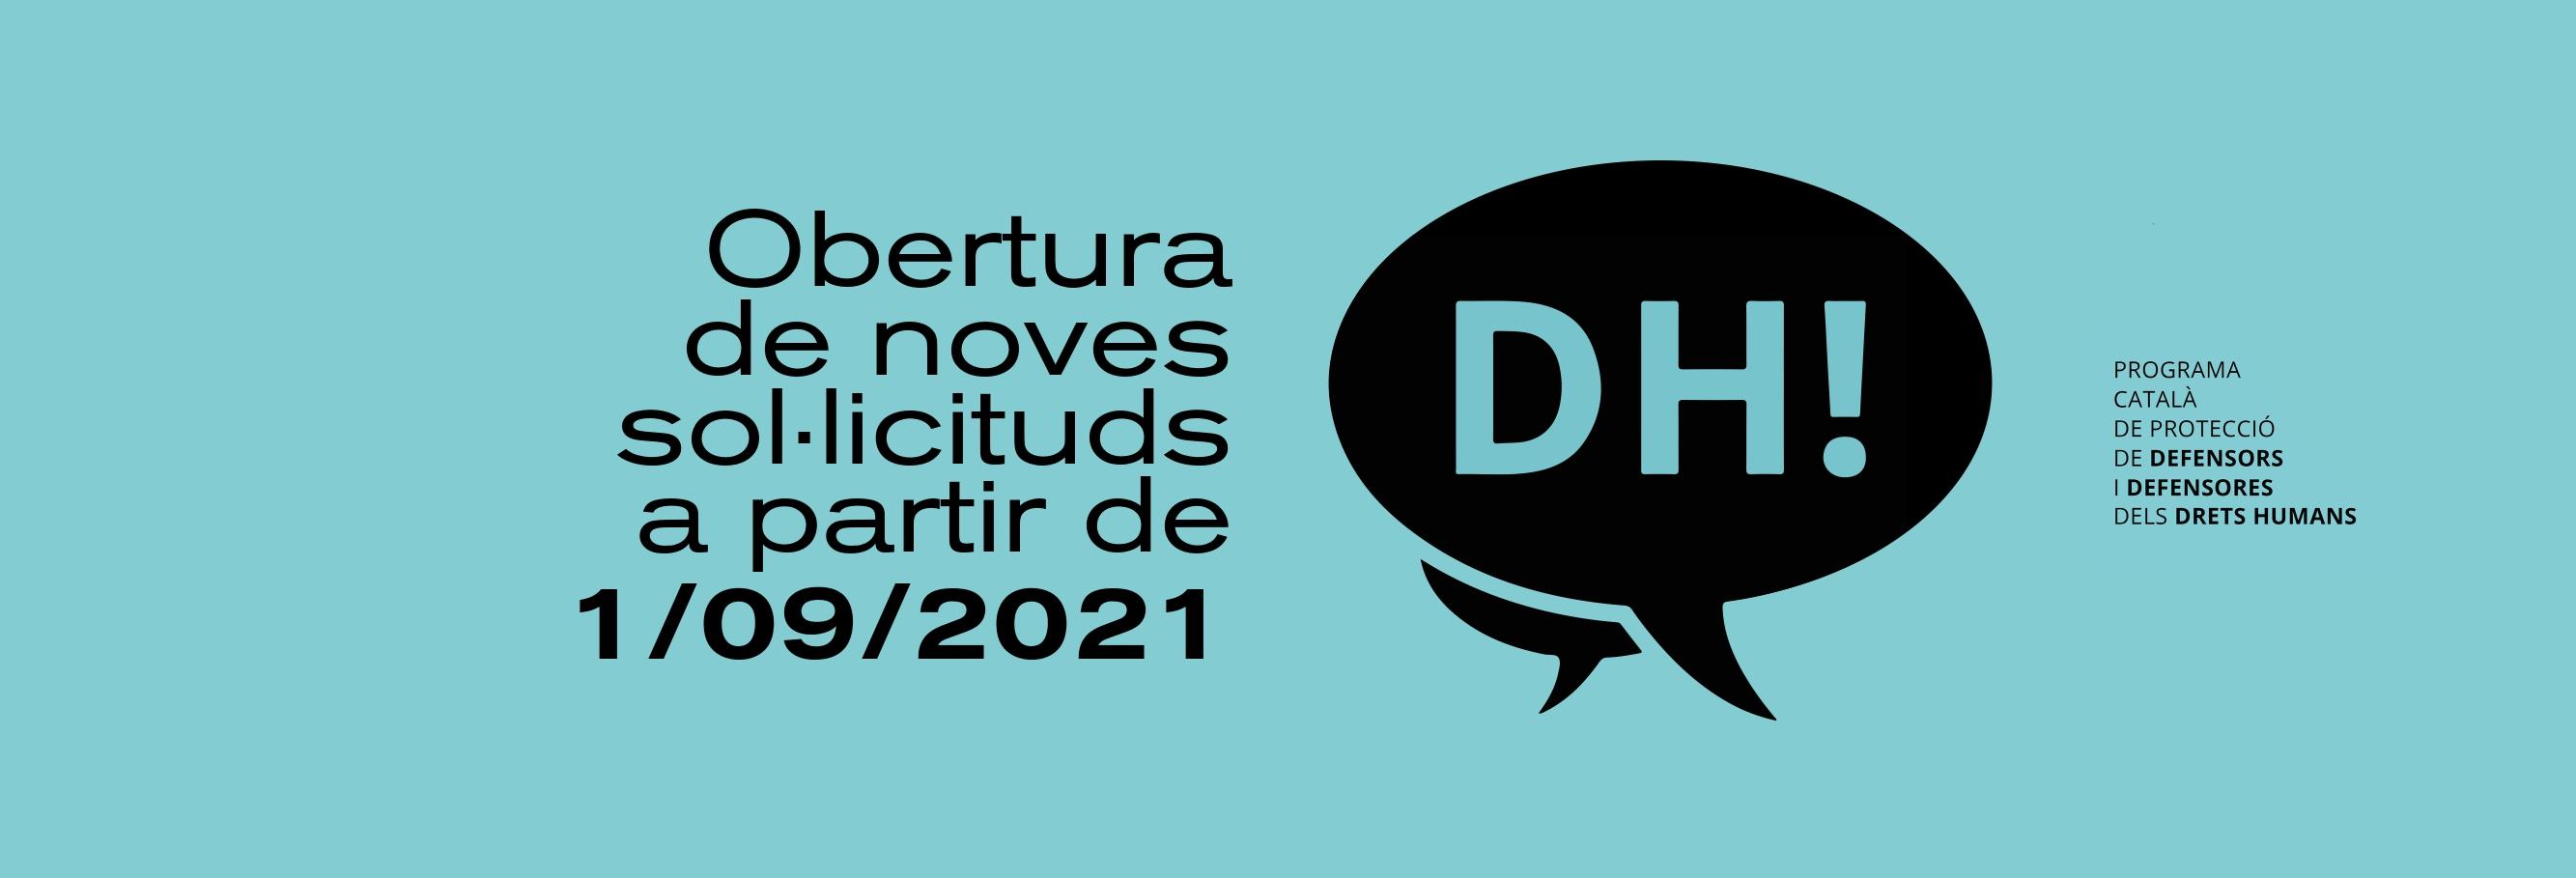 Nova Convocatòria De Presentació De Candidatures Pel PCPDDH